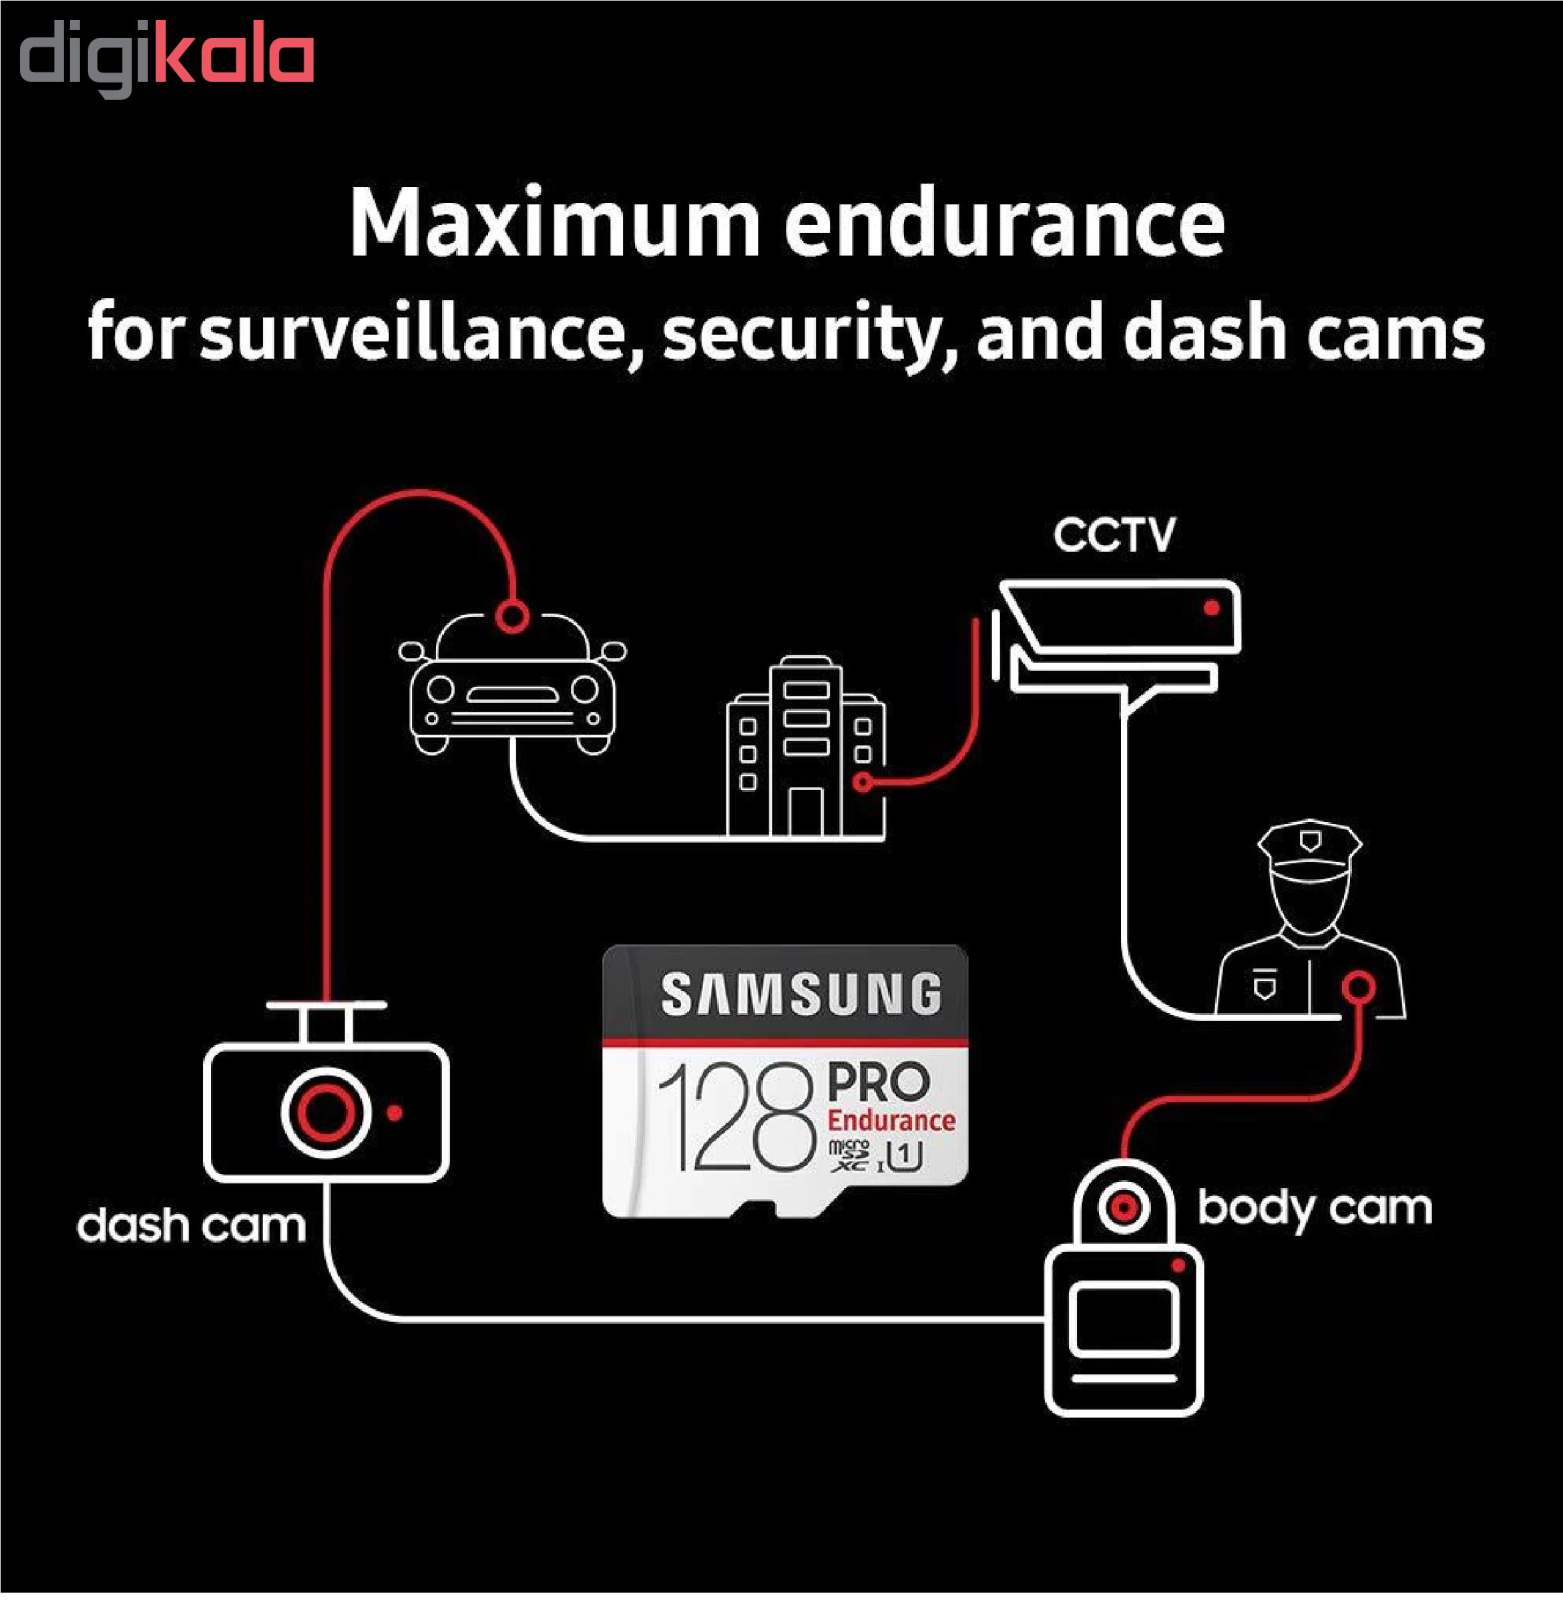 کارت حافظه microSDXC سامسونگ مدل PRO Endurance کلاس 10 استاندارد UHS-I U1 سرعت 80MBps ظرفیت 128 گیگابایت به همراه آداپتور SD main 1 3